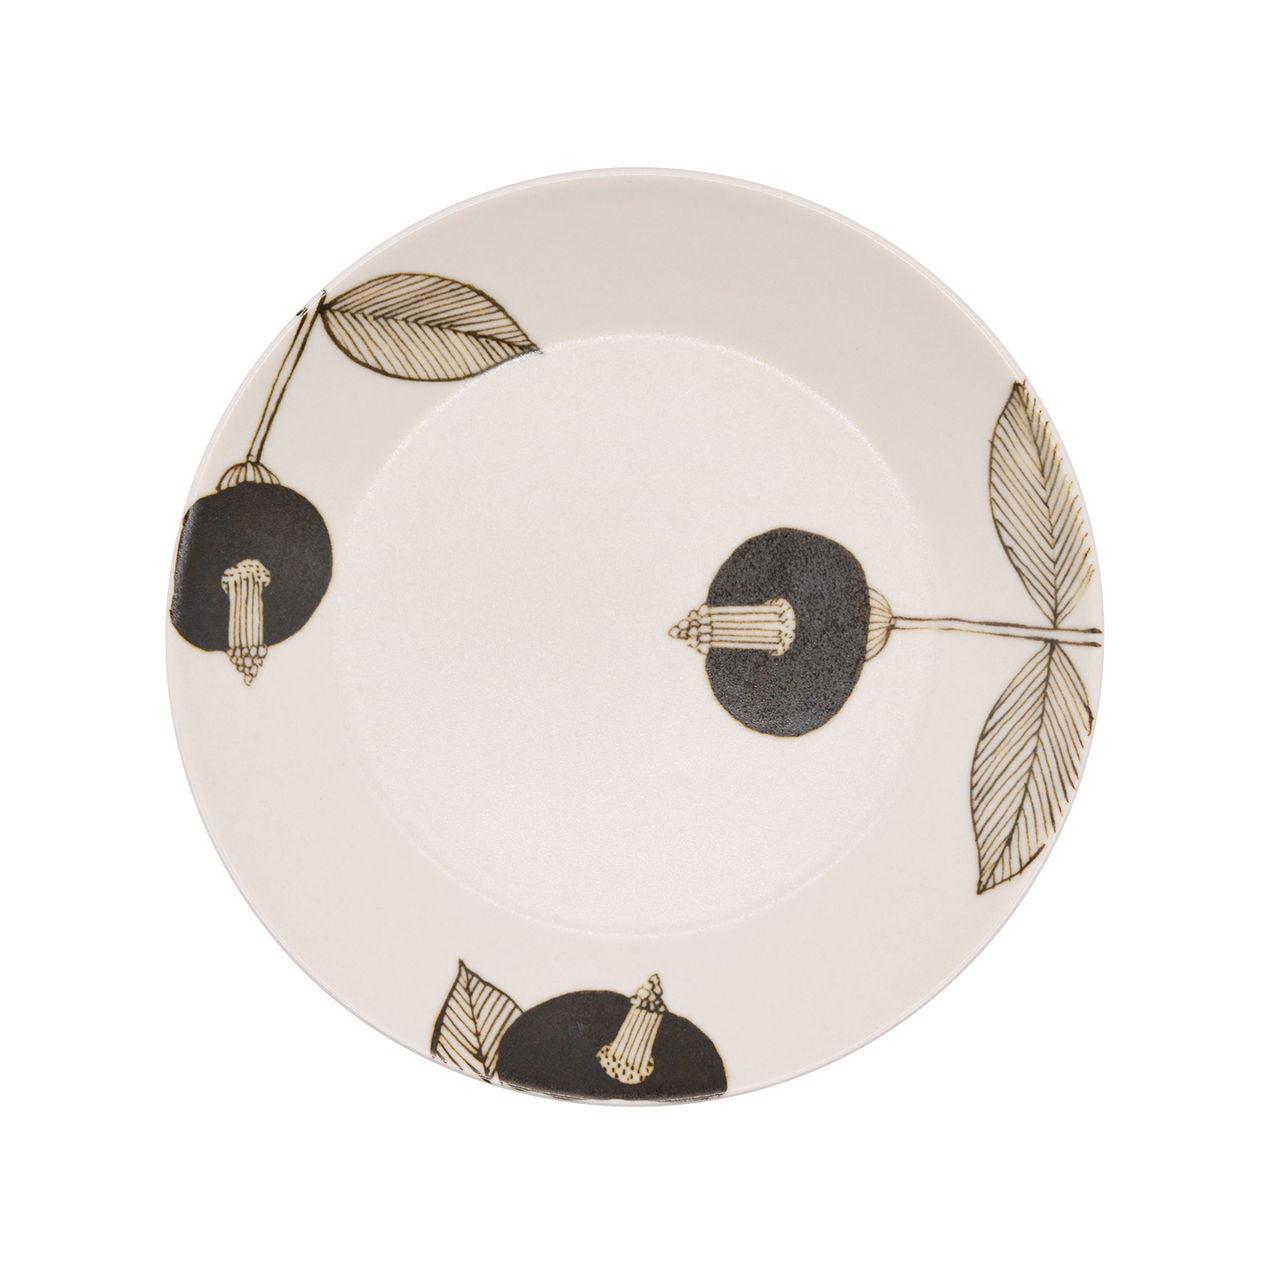 砥部焼 すこし屋 プレート 皿 約17cm ブラウンフラワー 229023